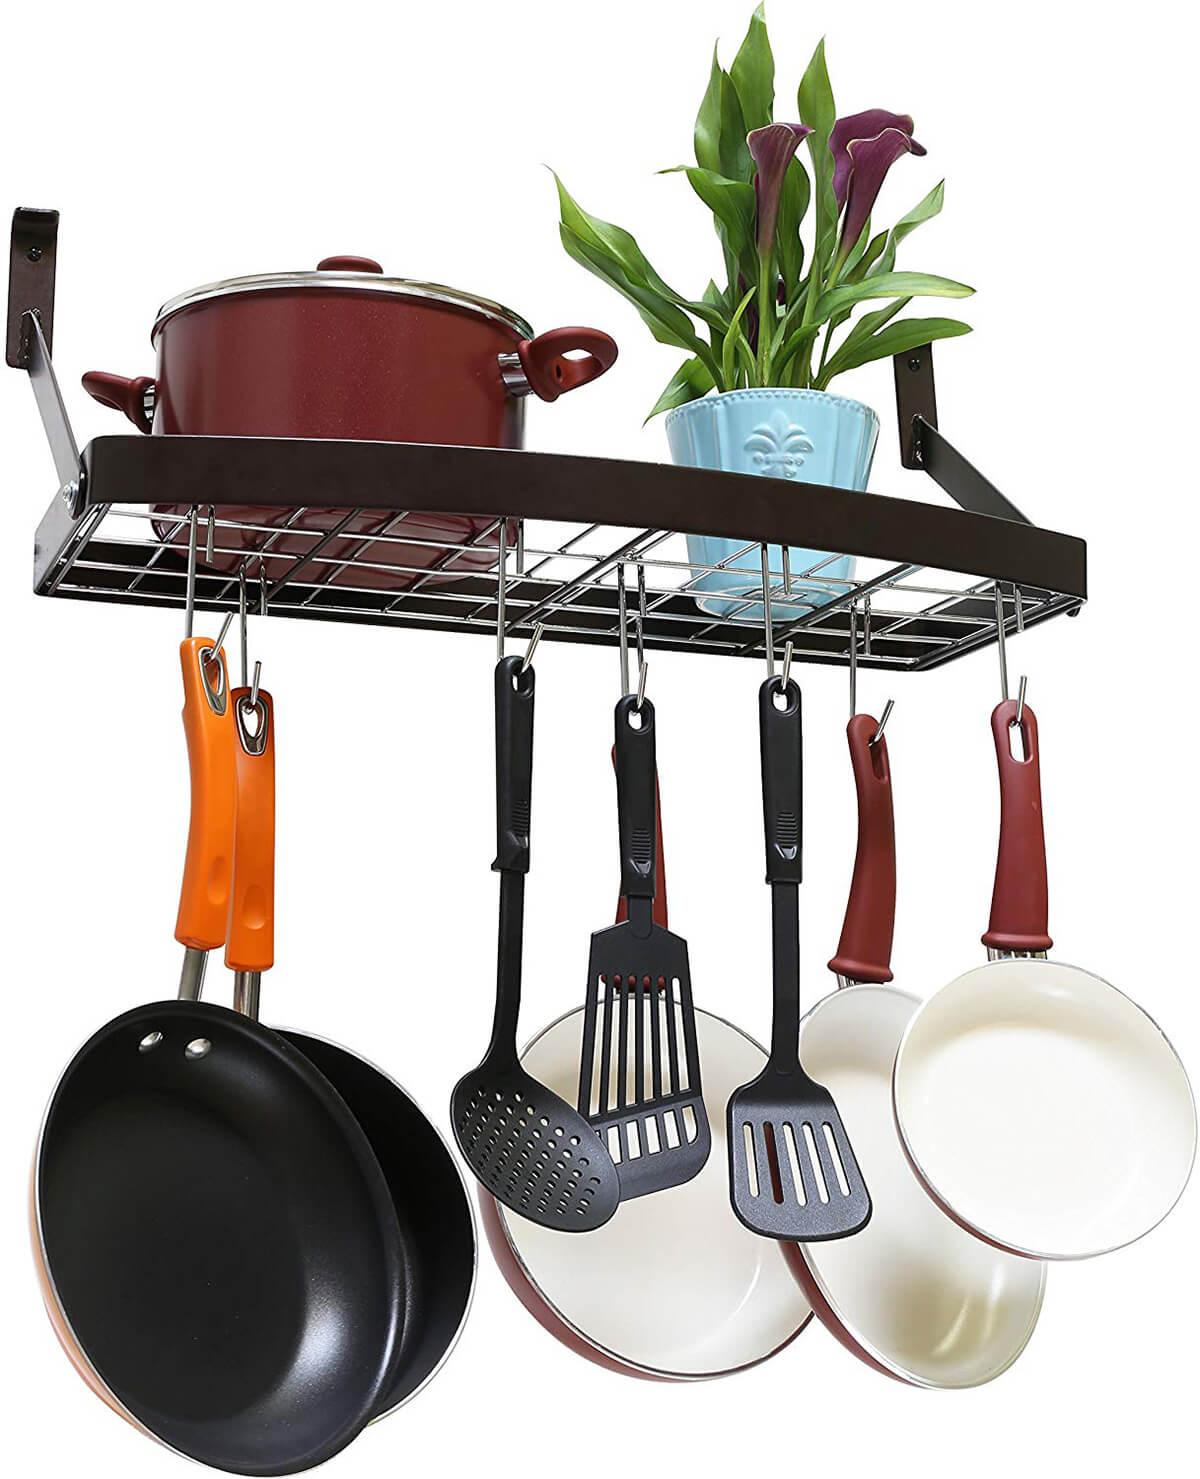 советы организации пространства на вашей кухне фото 4